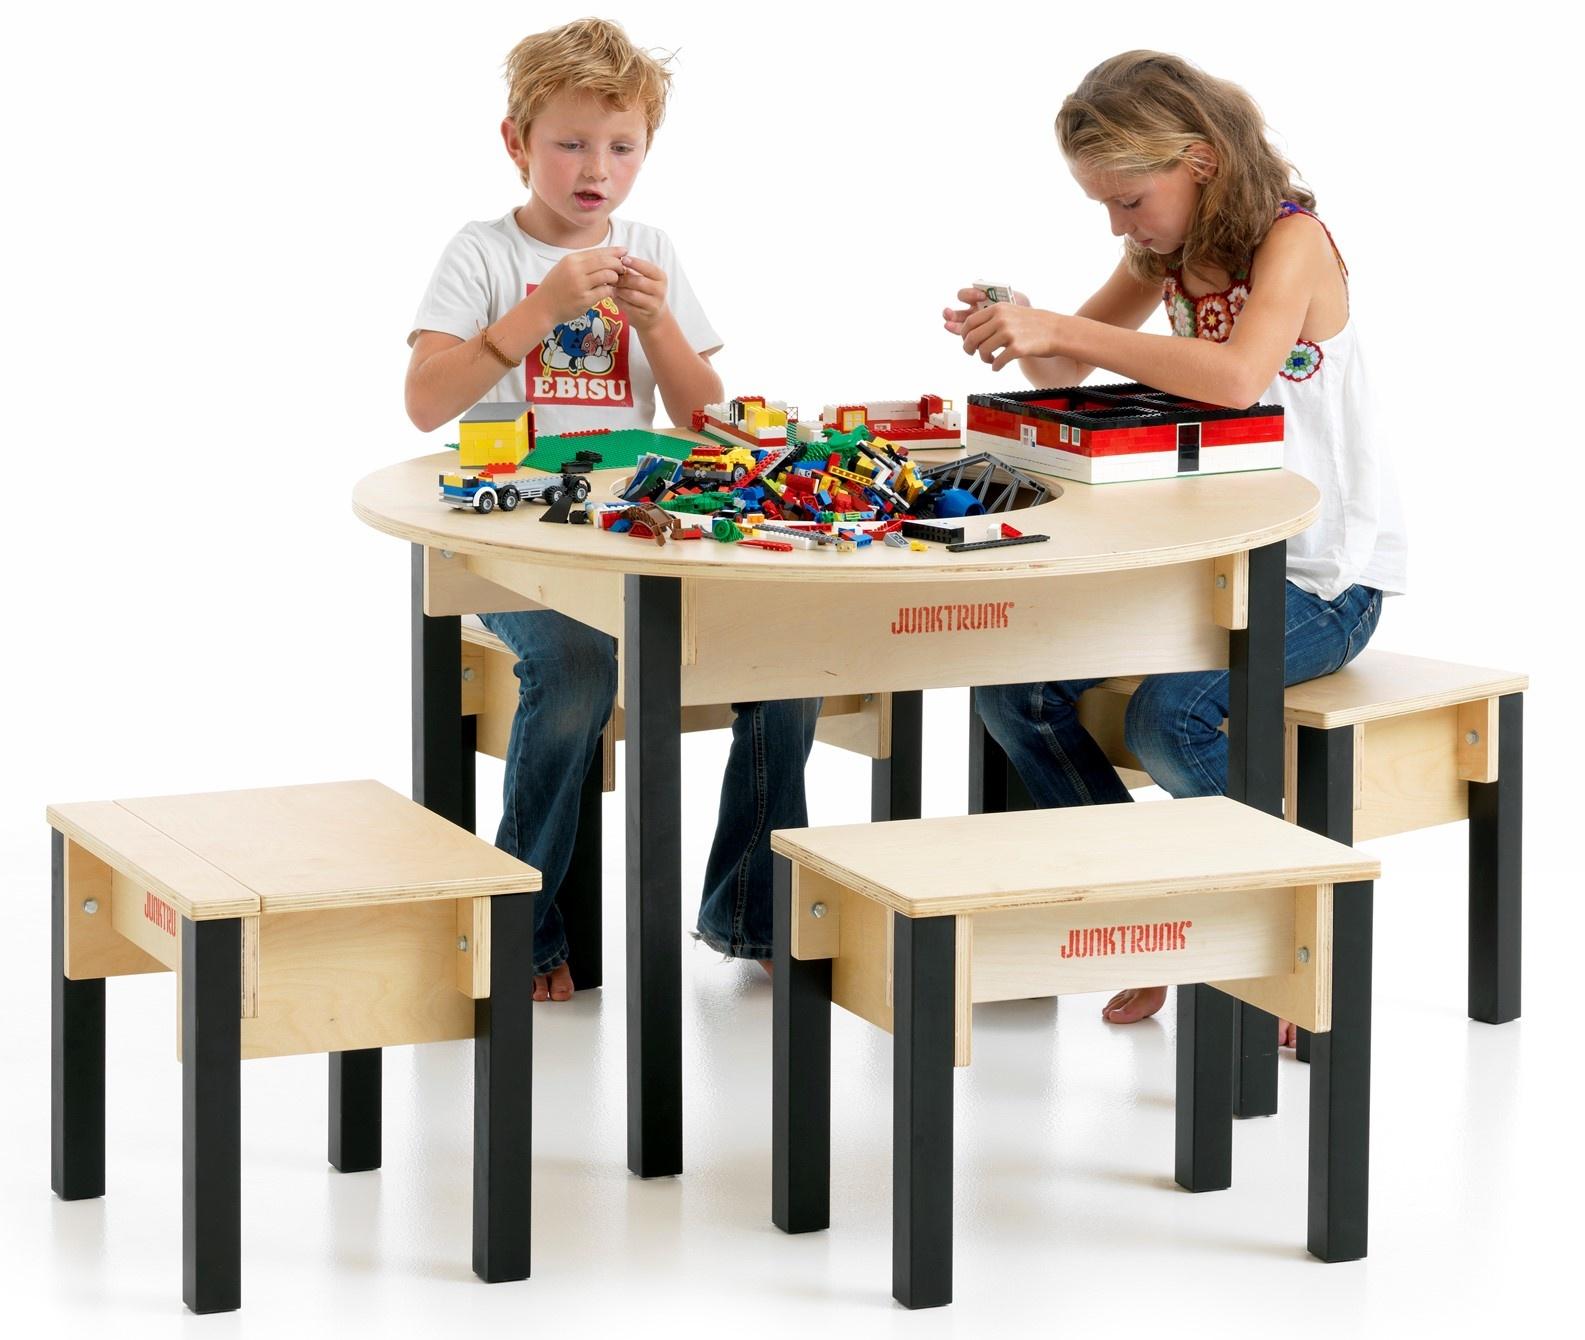 Ronde Lego Tafel.Lego Tafel Rond Van Hout Met Ruime Opbergbak En 4 Solide Zitjes